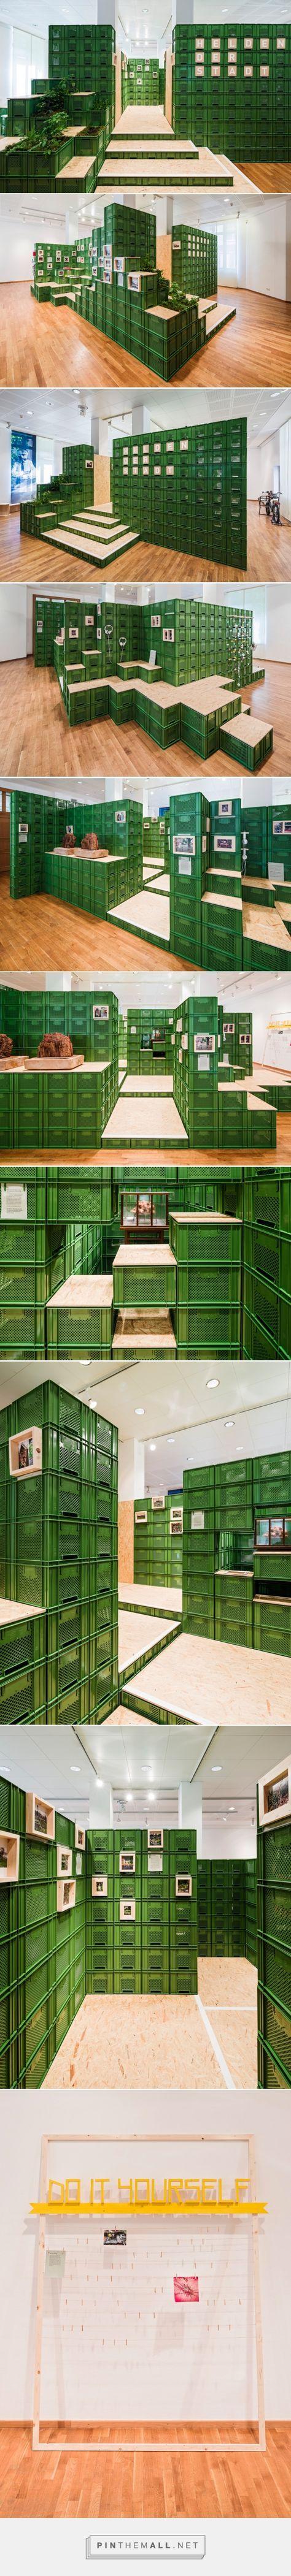 bba8425b8f2a34f32f1ea5c413ce73a0--exhibition-space-exhibition-display Luxe De Gravier Aquarium Des Idées